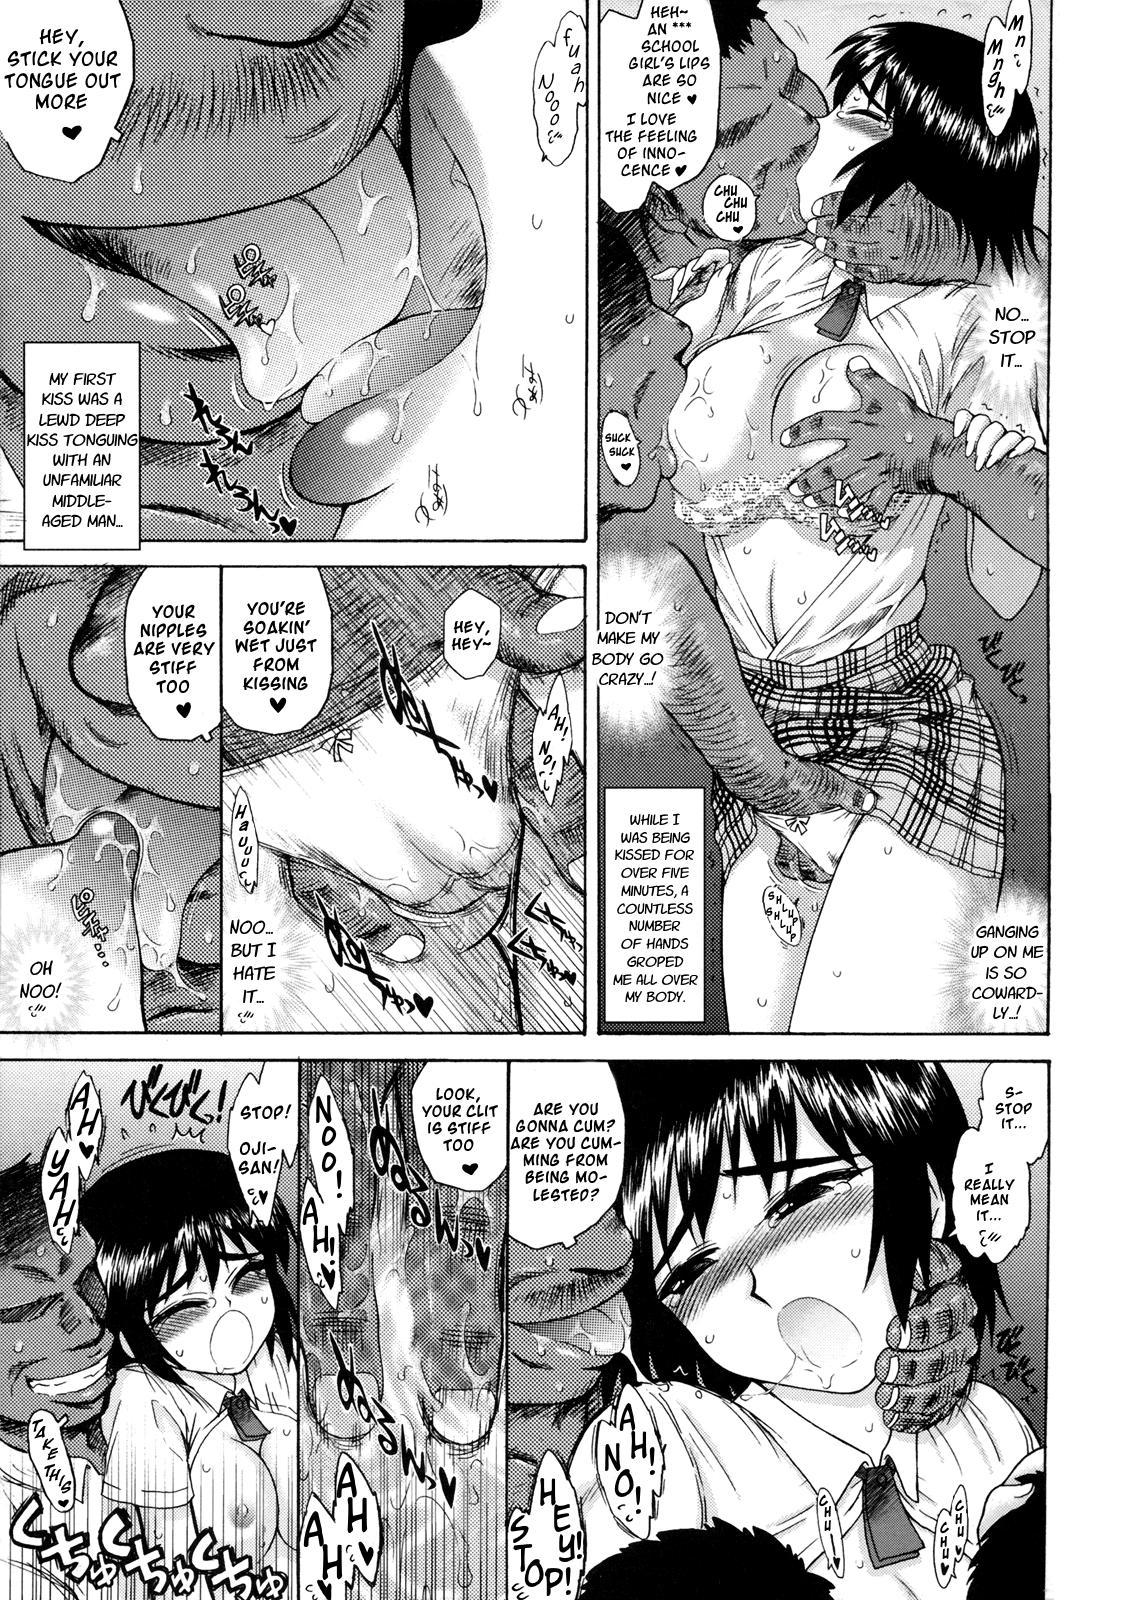 Fuuka to Wakuwaku Chikan Densha | Fuuka and a Train of Excited Molesters 9